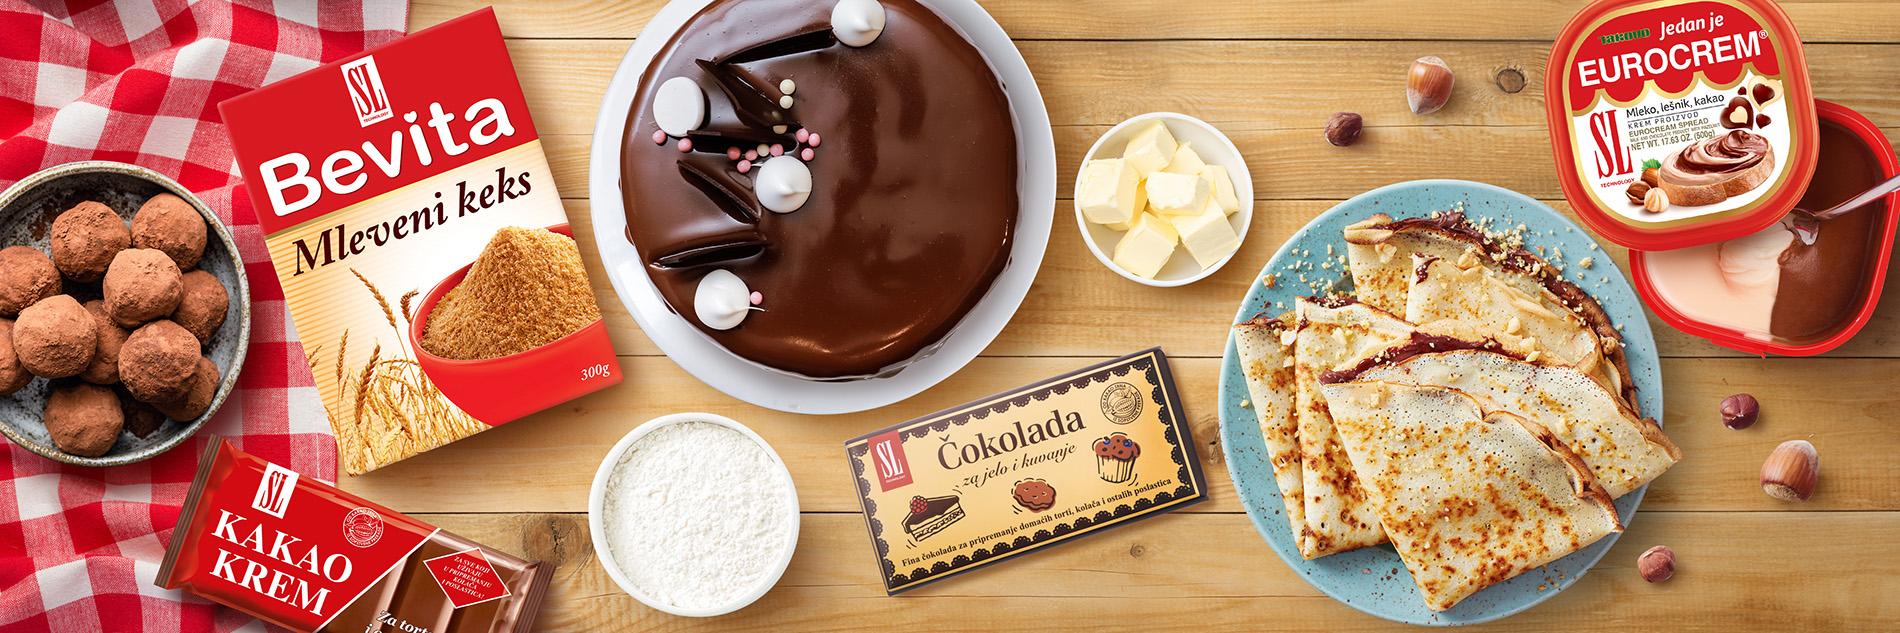 slika pogled odozgo vidi se ambalaža bevita, kako krem, eurocrem SL čokolada i palačinke